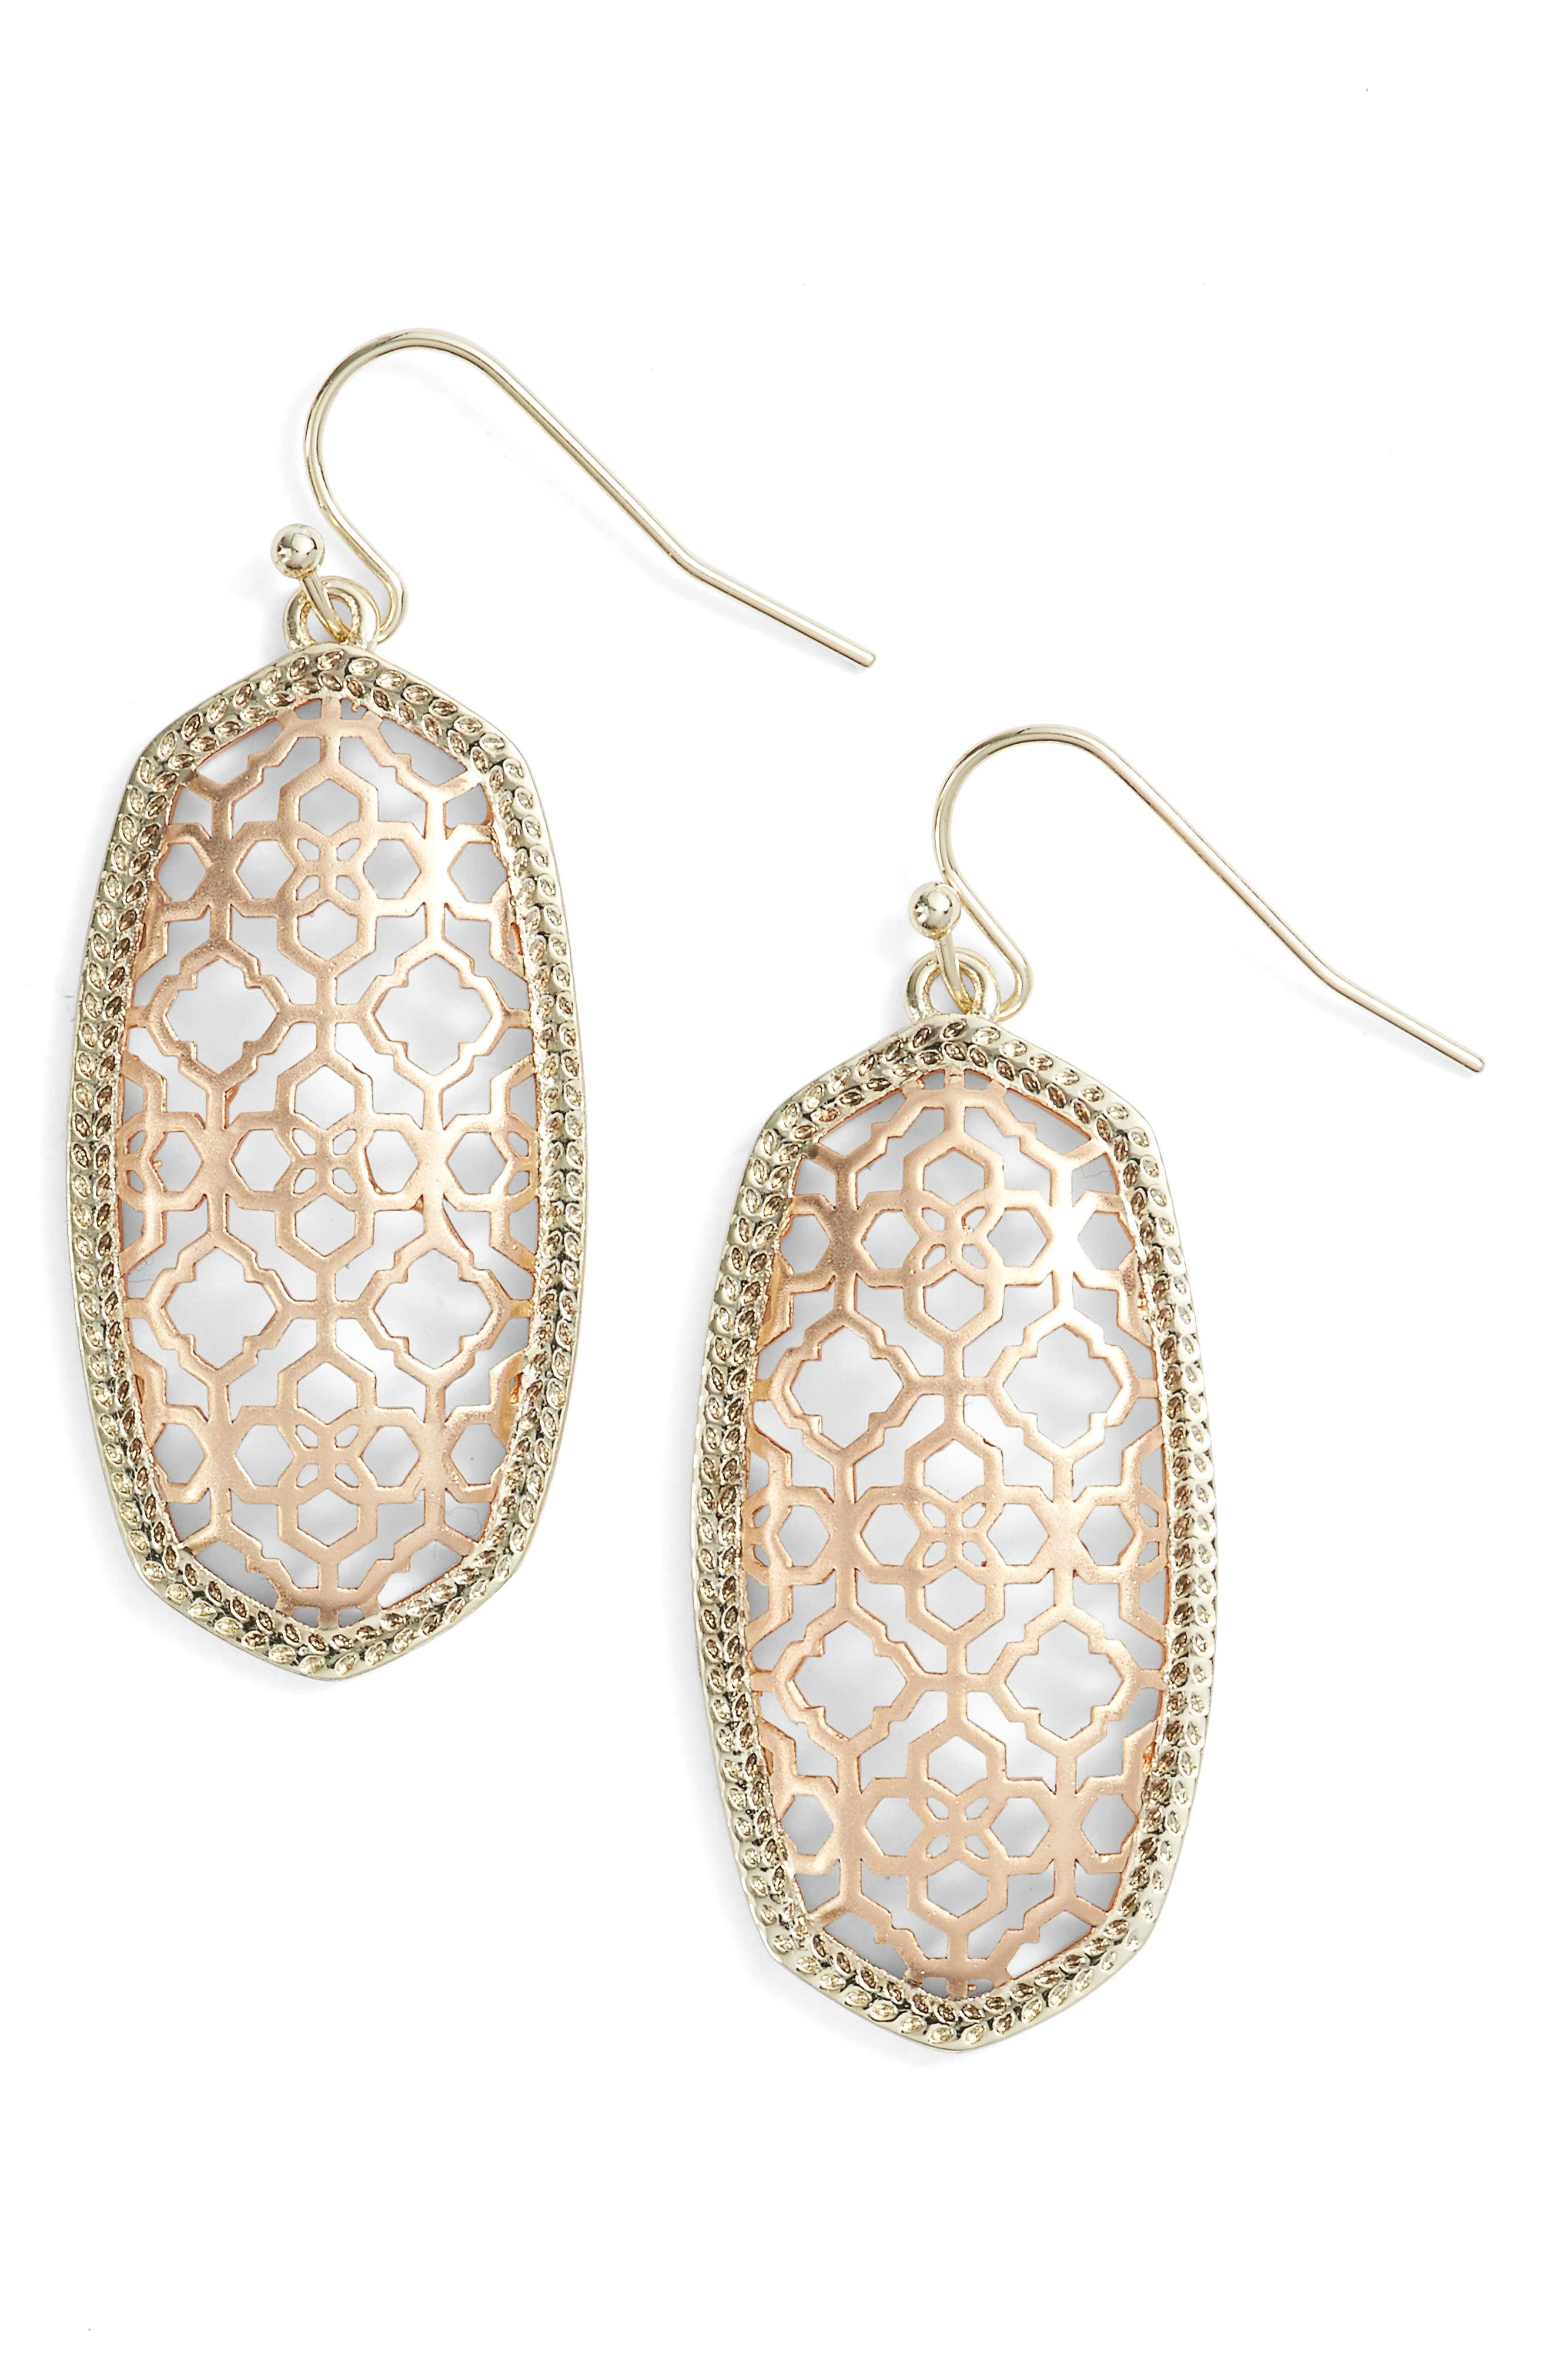 Main Image - Kendra Scott Elle Openwork Drop Earrings